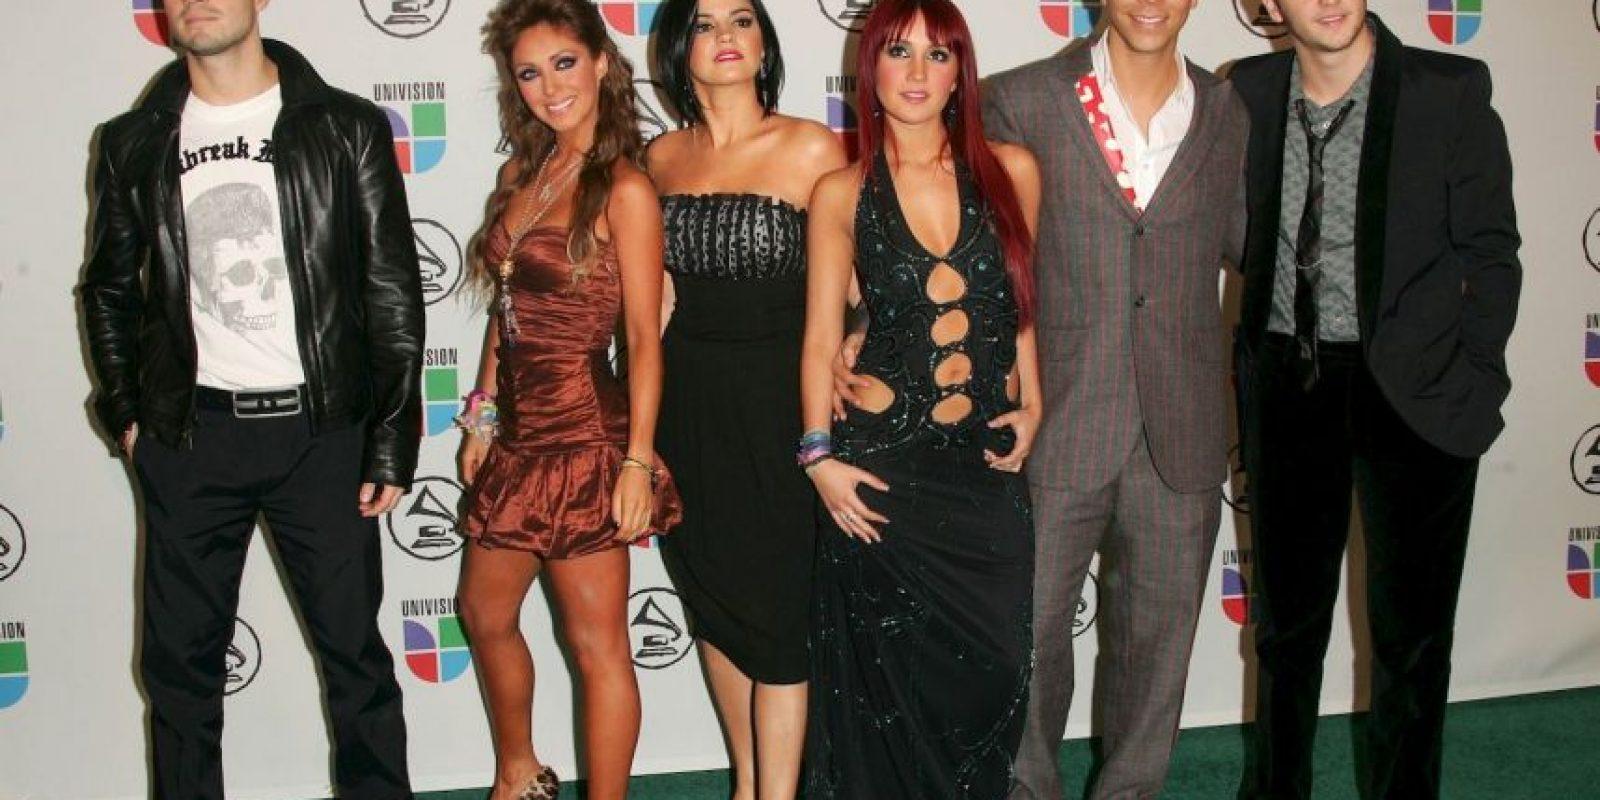 Esta banda conformada por actores mexicanos recibió cientos de criticas por sus constantes presentaciones con playback… Foto:Getty Images